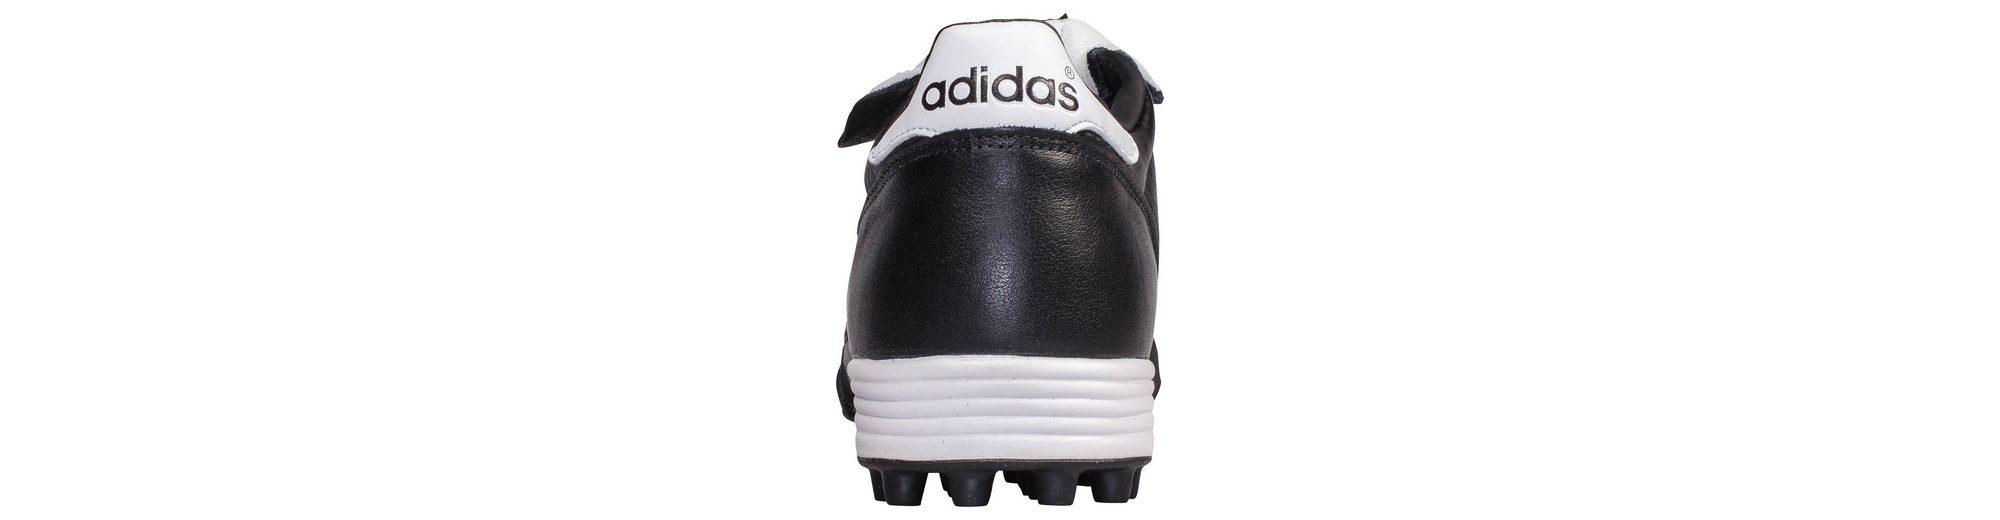 adidas Performance Mundial Team Fußballschuh Herren Online Shop Verkauf 2018 Neueste Günstiger Versand Auslasszwischenraum Store mUAbCu